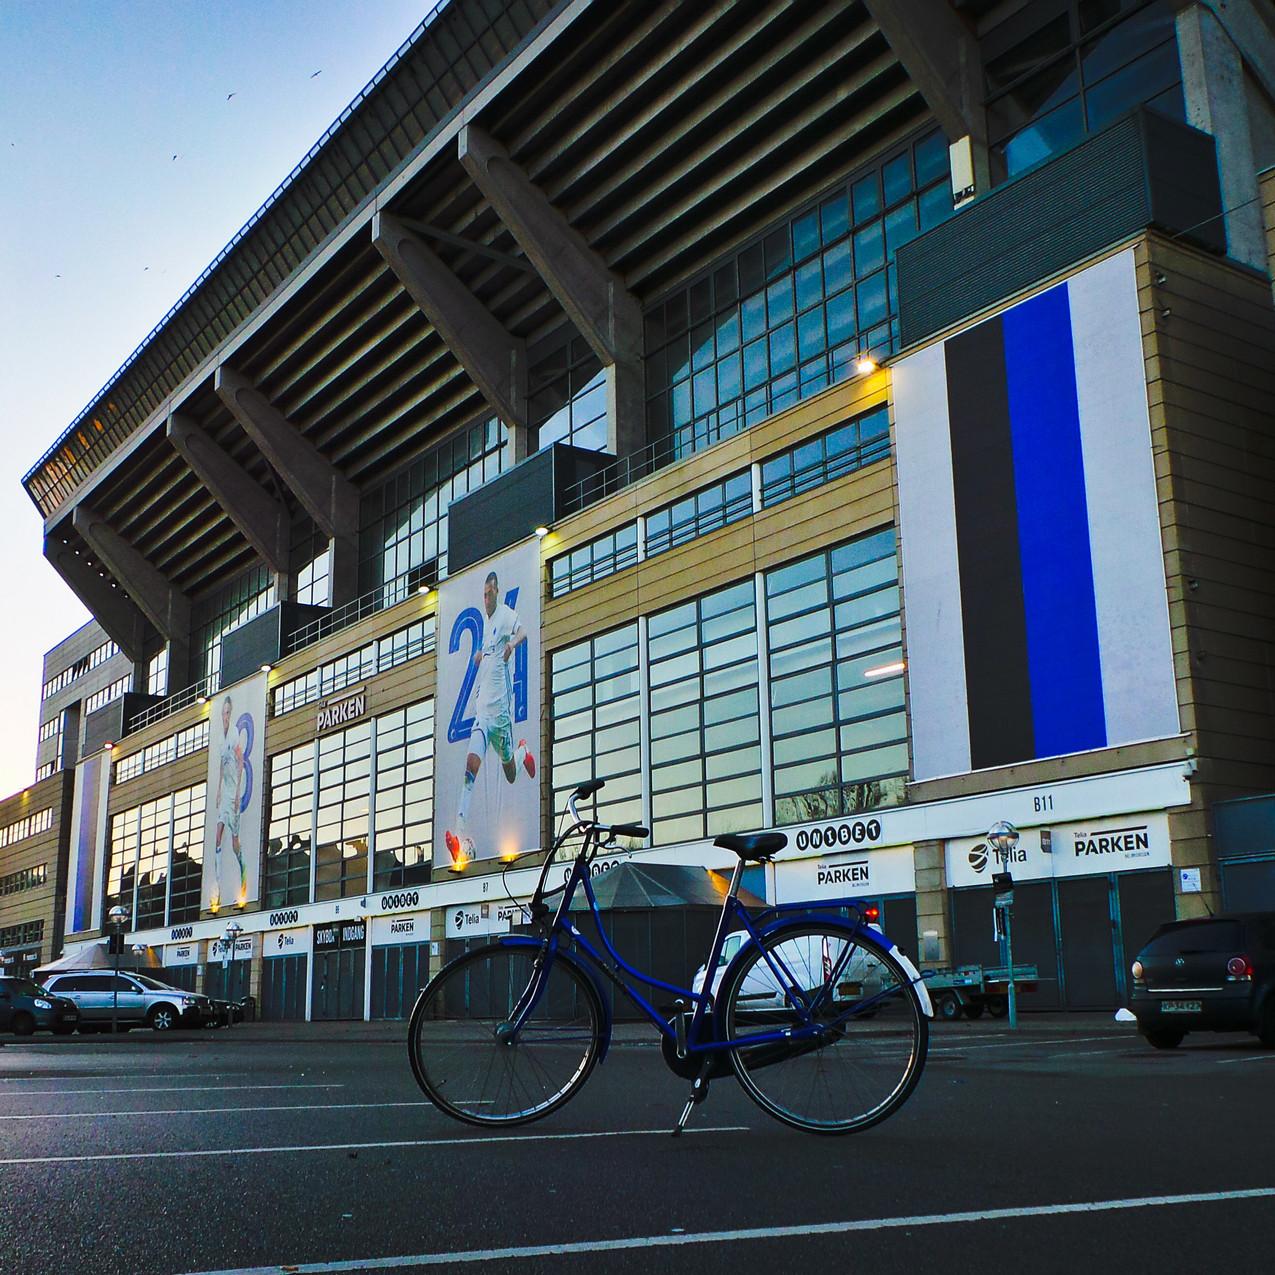 Parken National Stadium